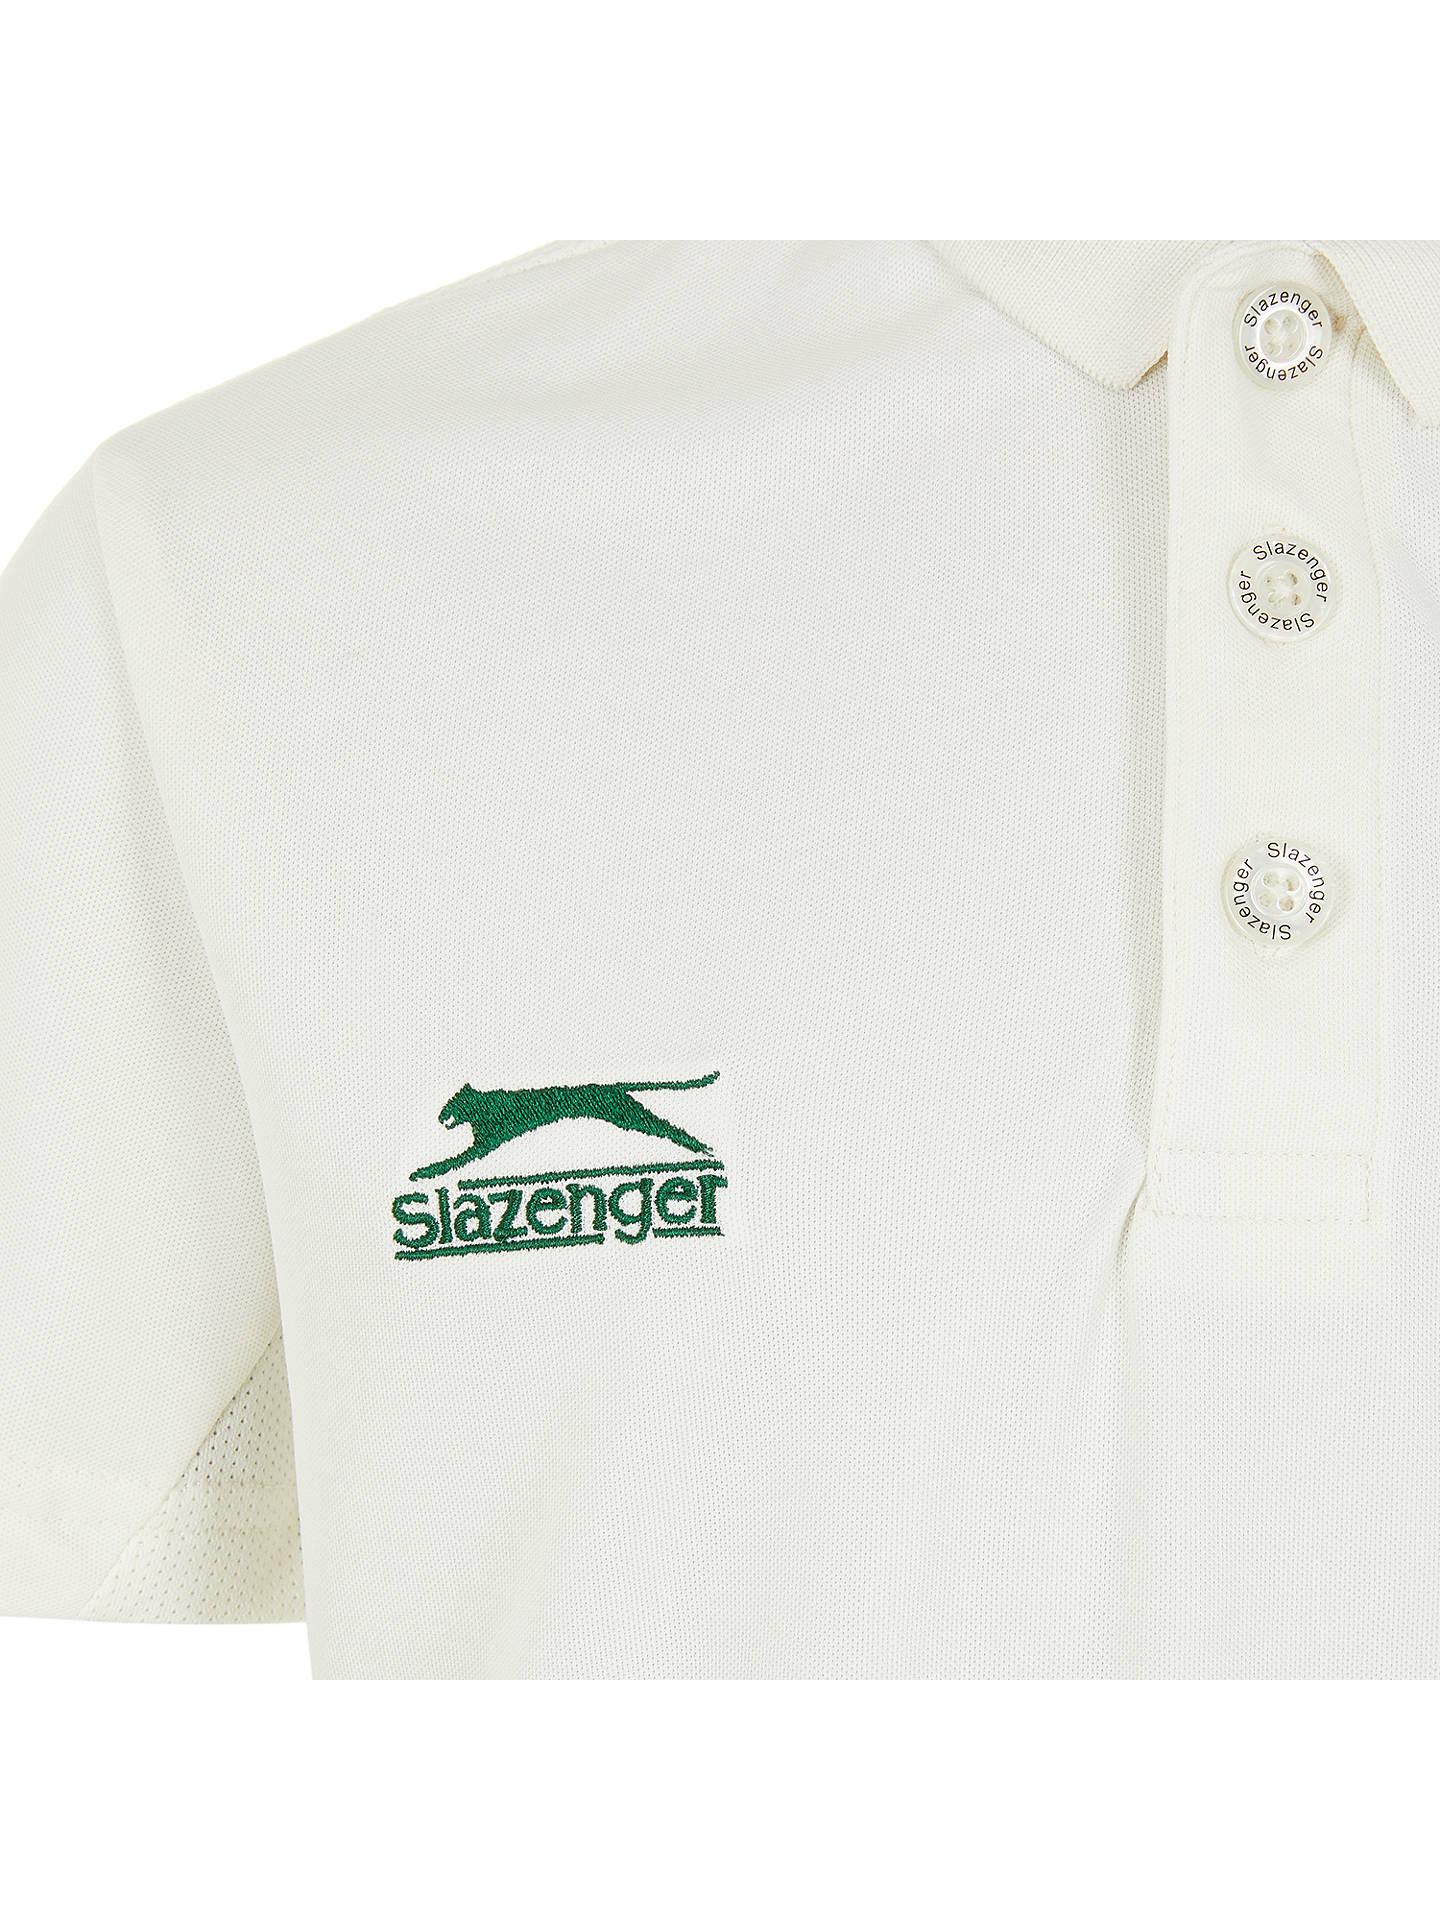 Slazenger mens cricket jumper 50/% OFF